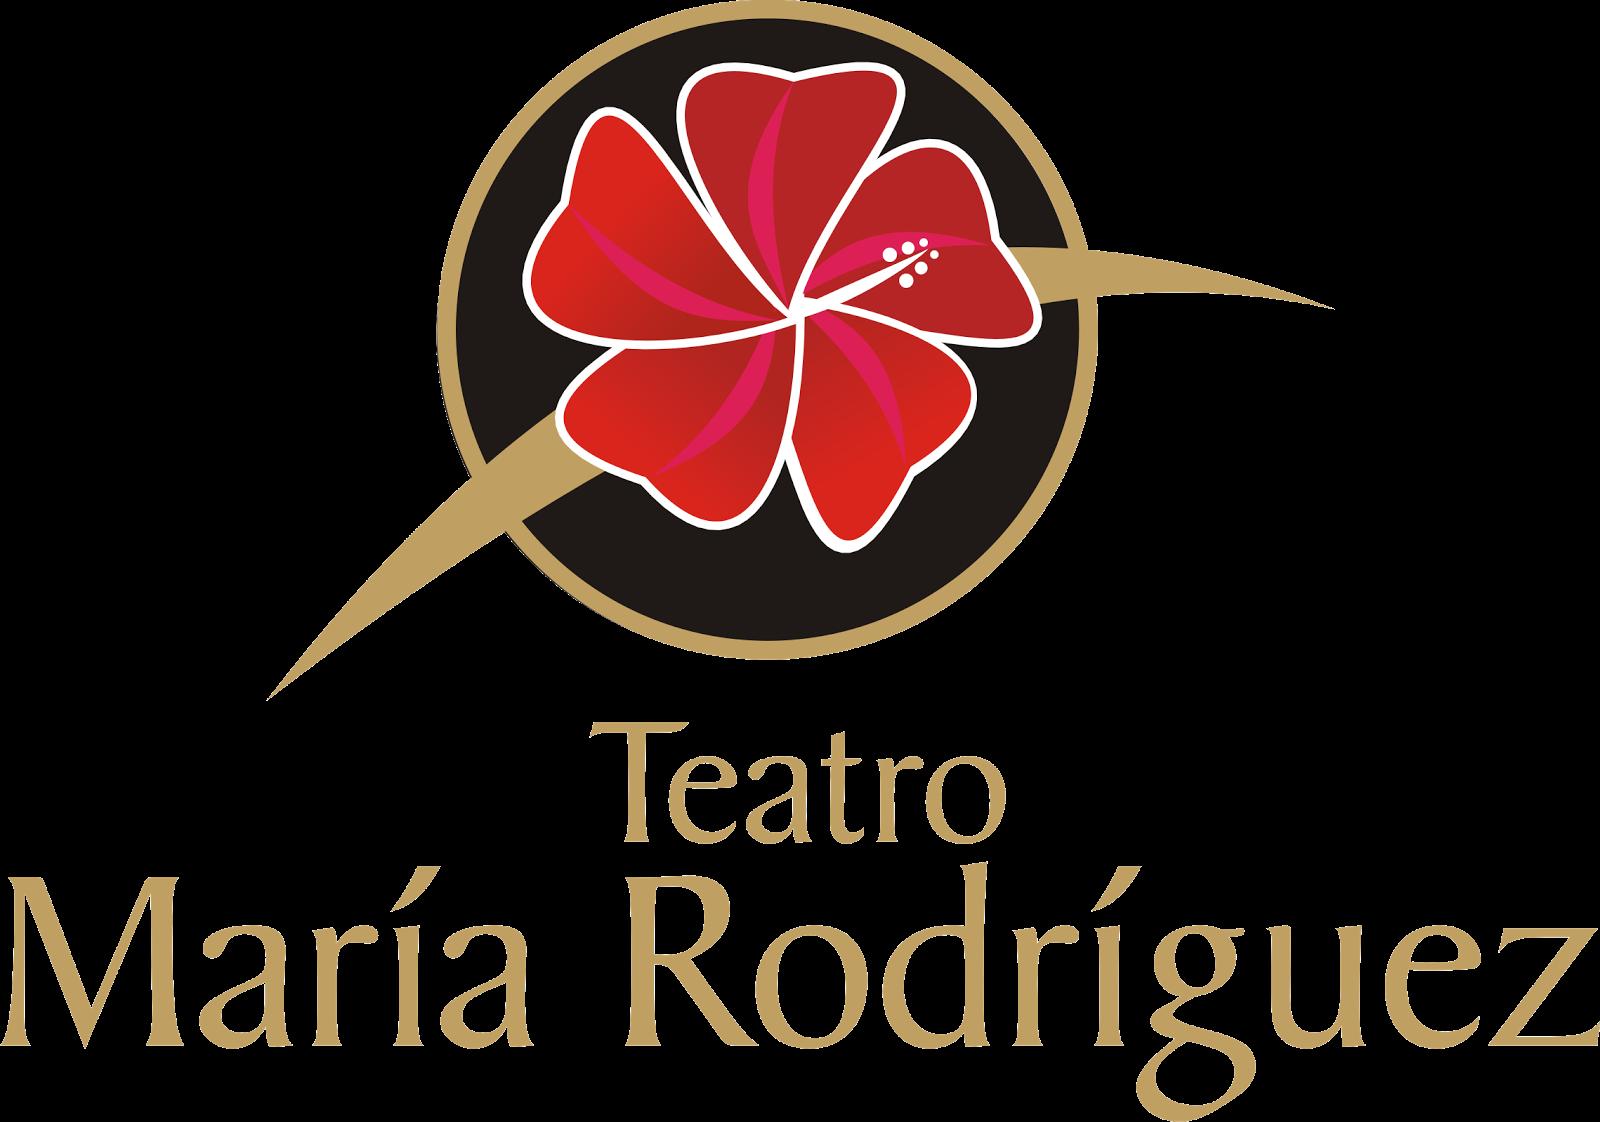 Teatro María Rodríguez